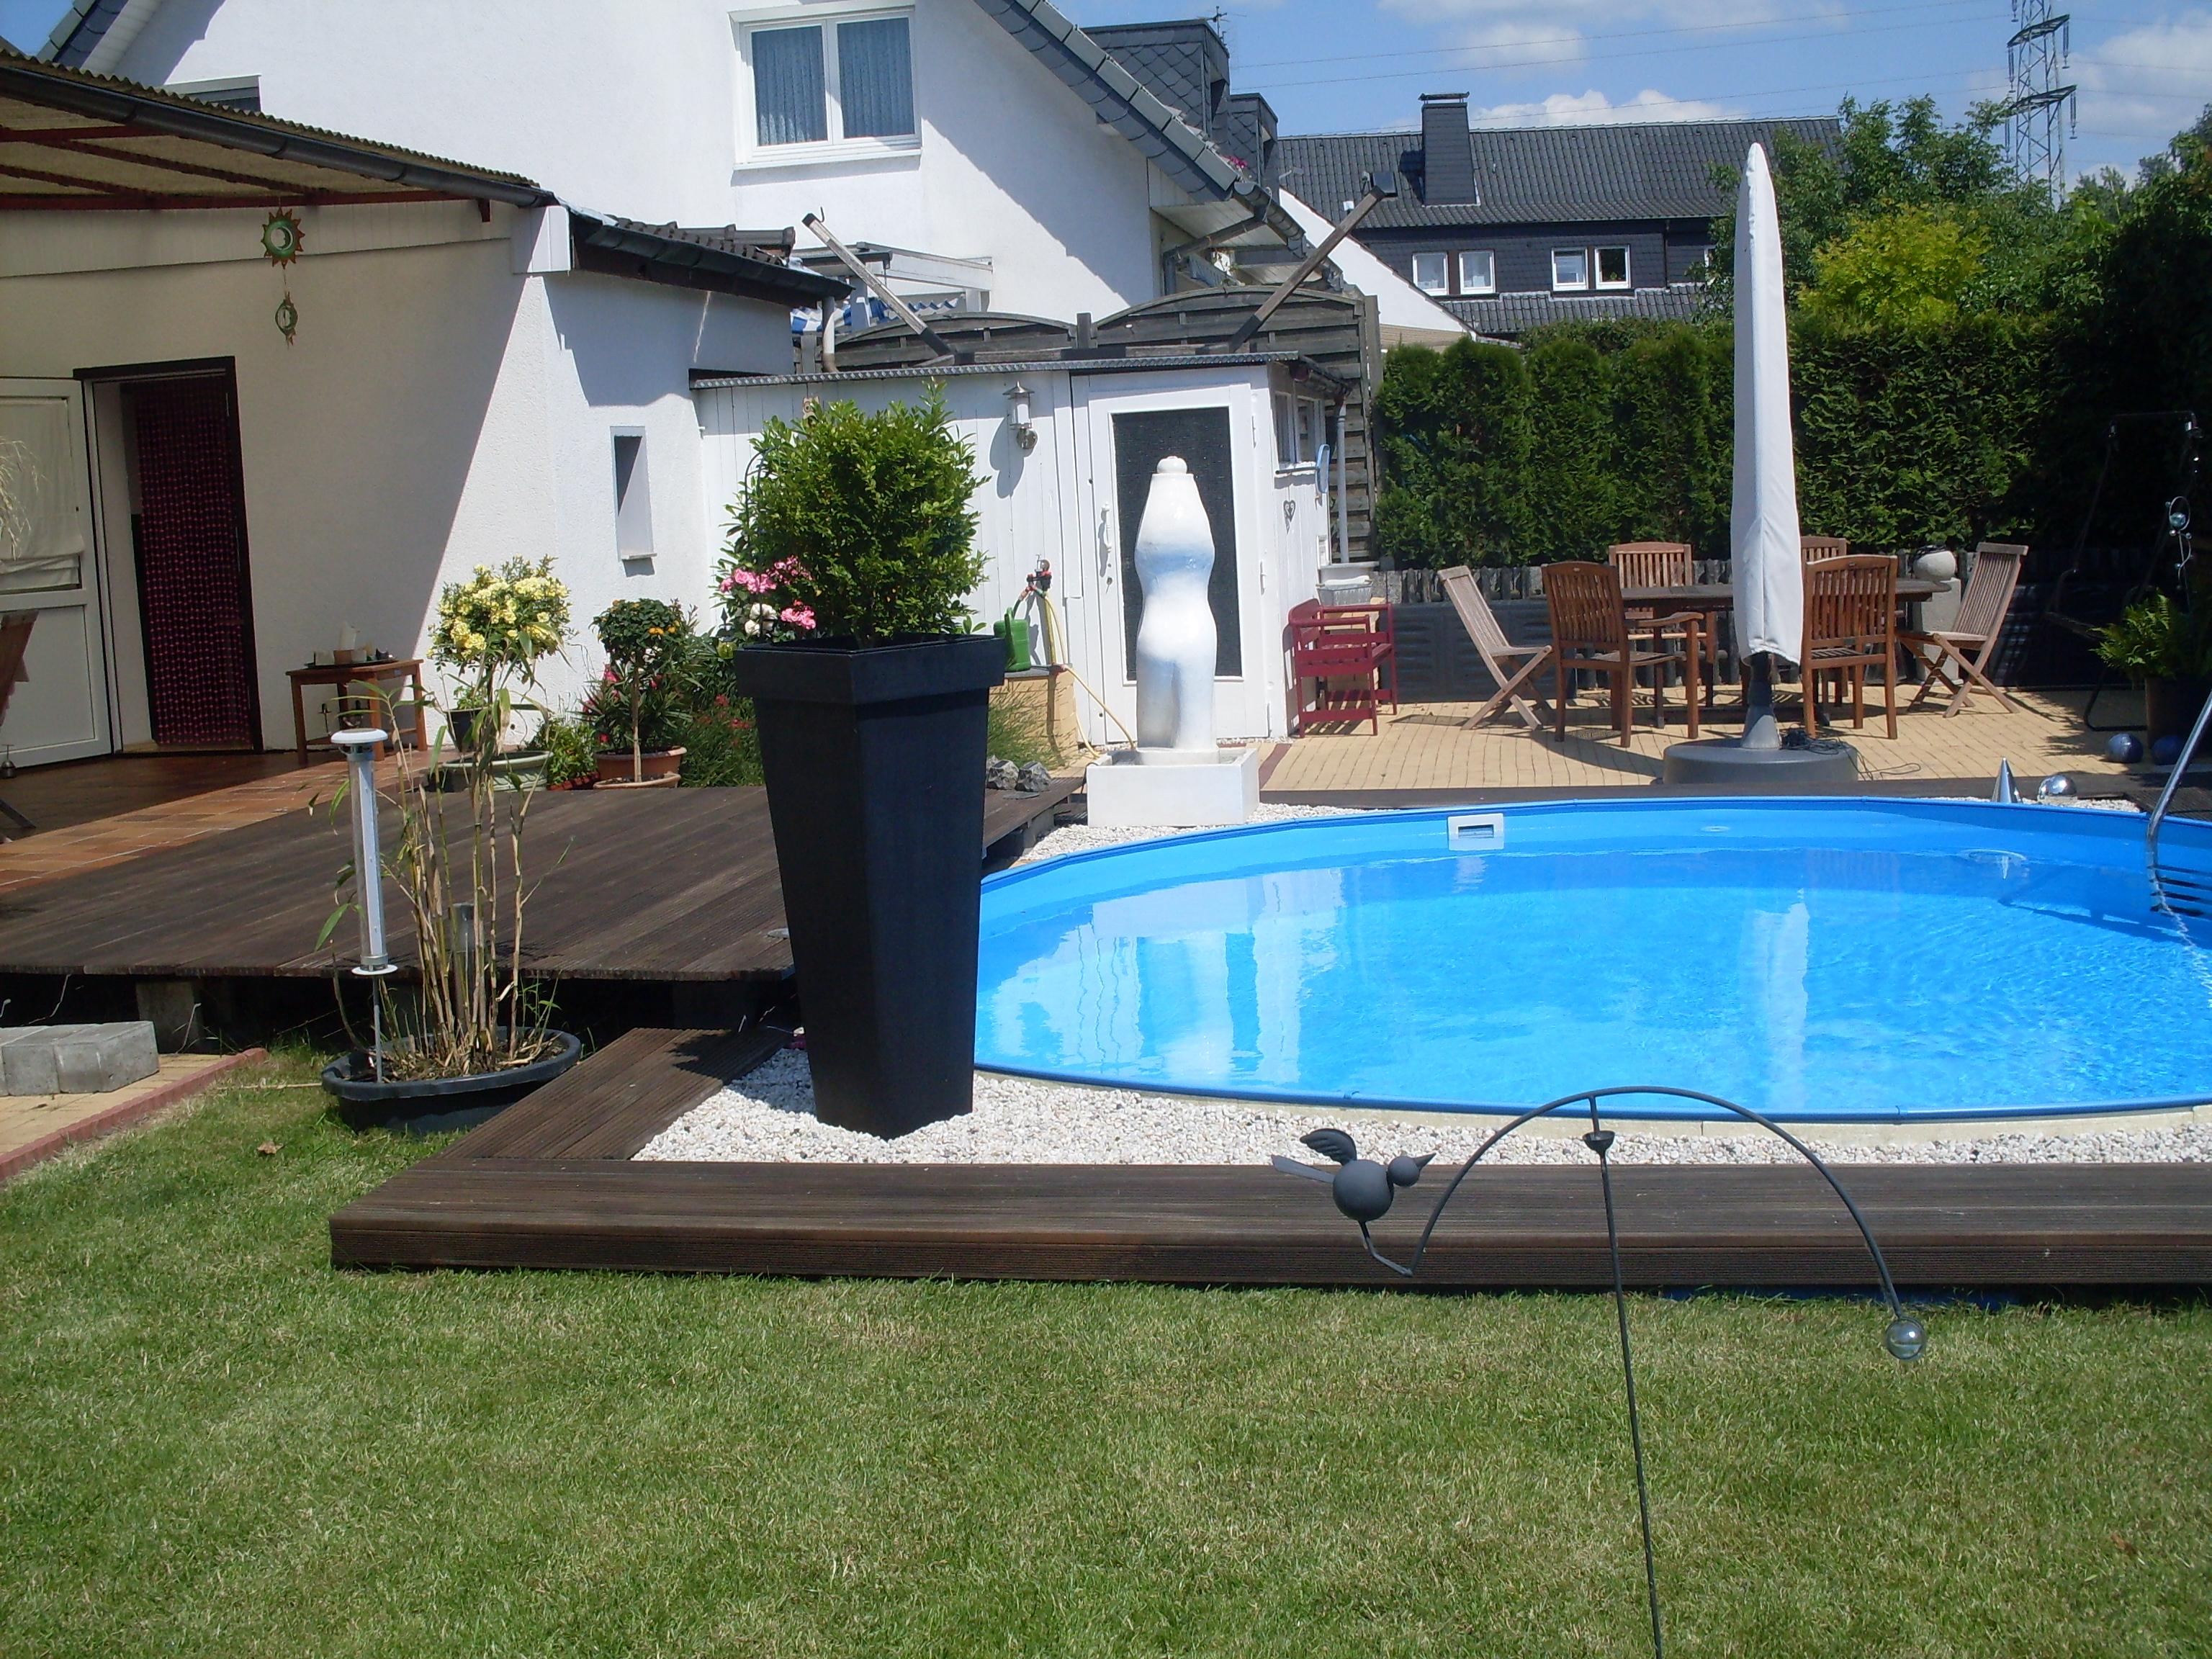 Pool rundbecken 450x150 cm oz ebay for Rundbecken pool